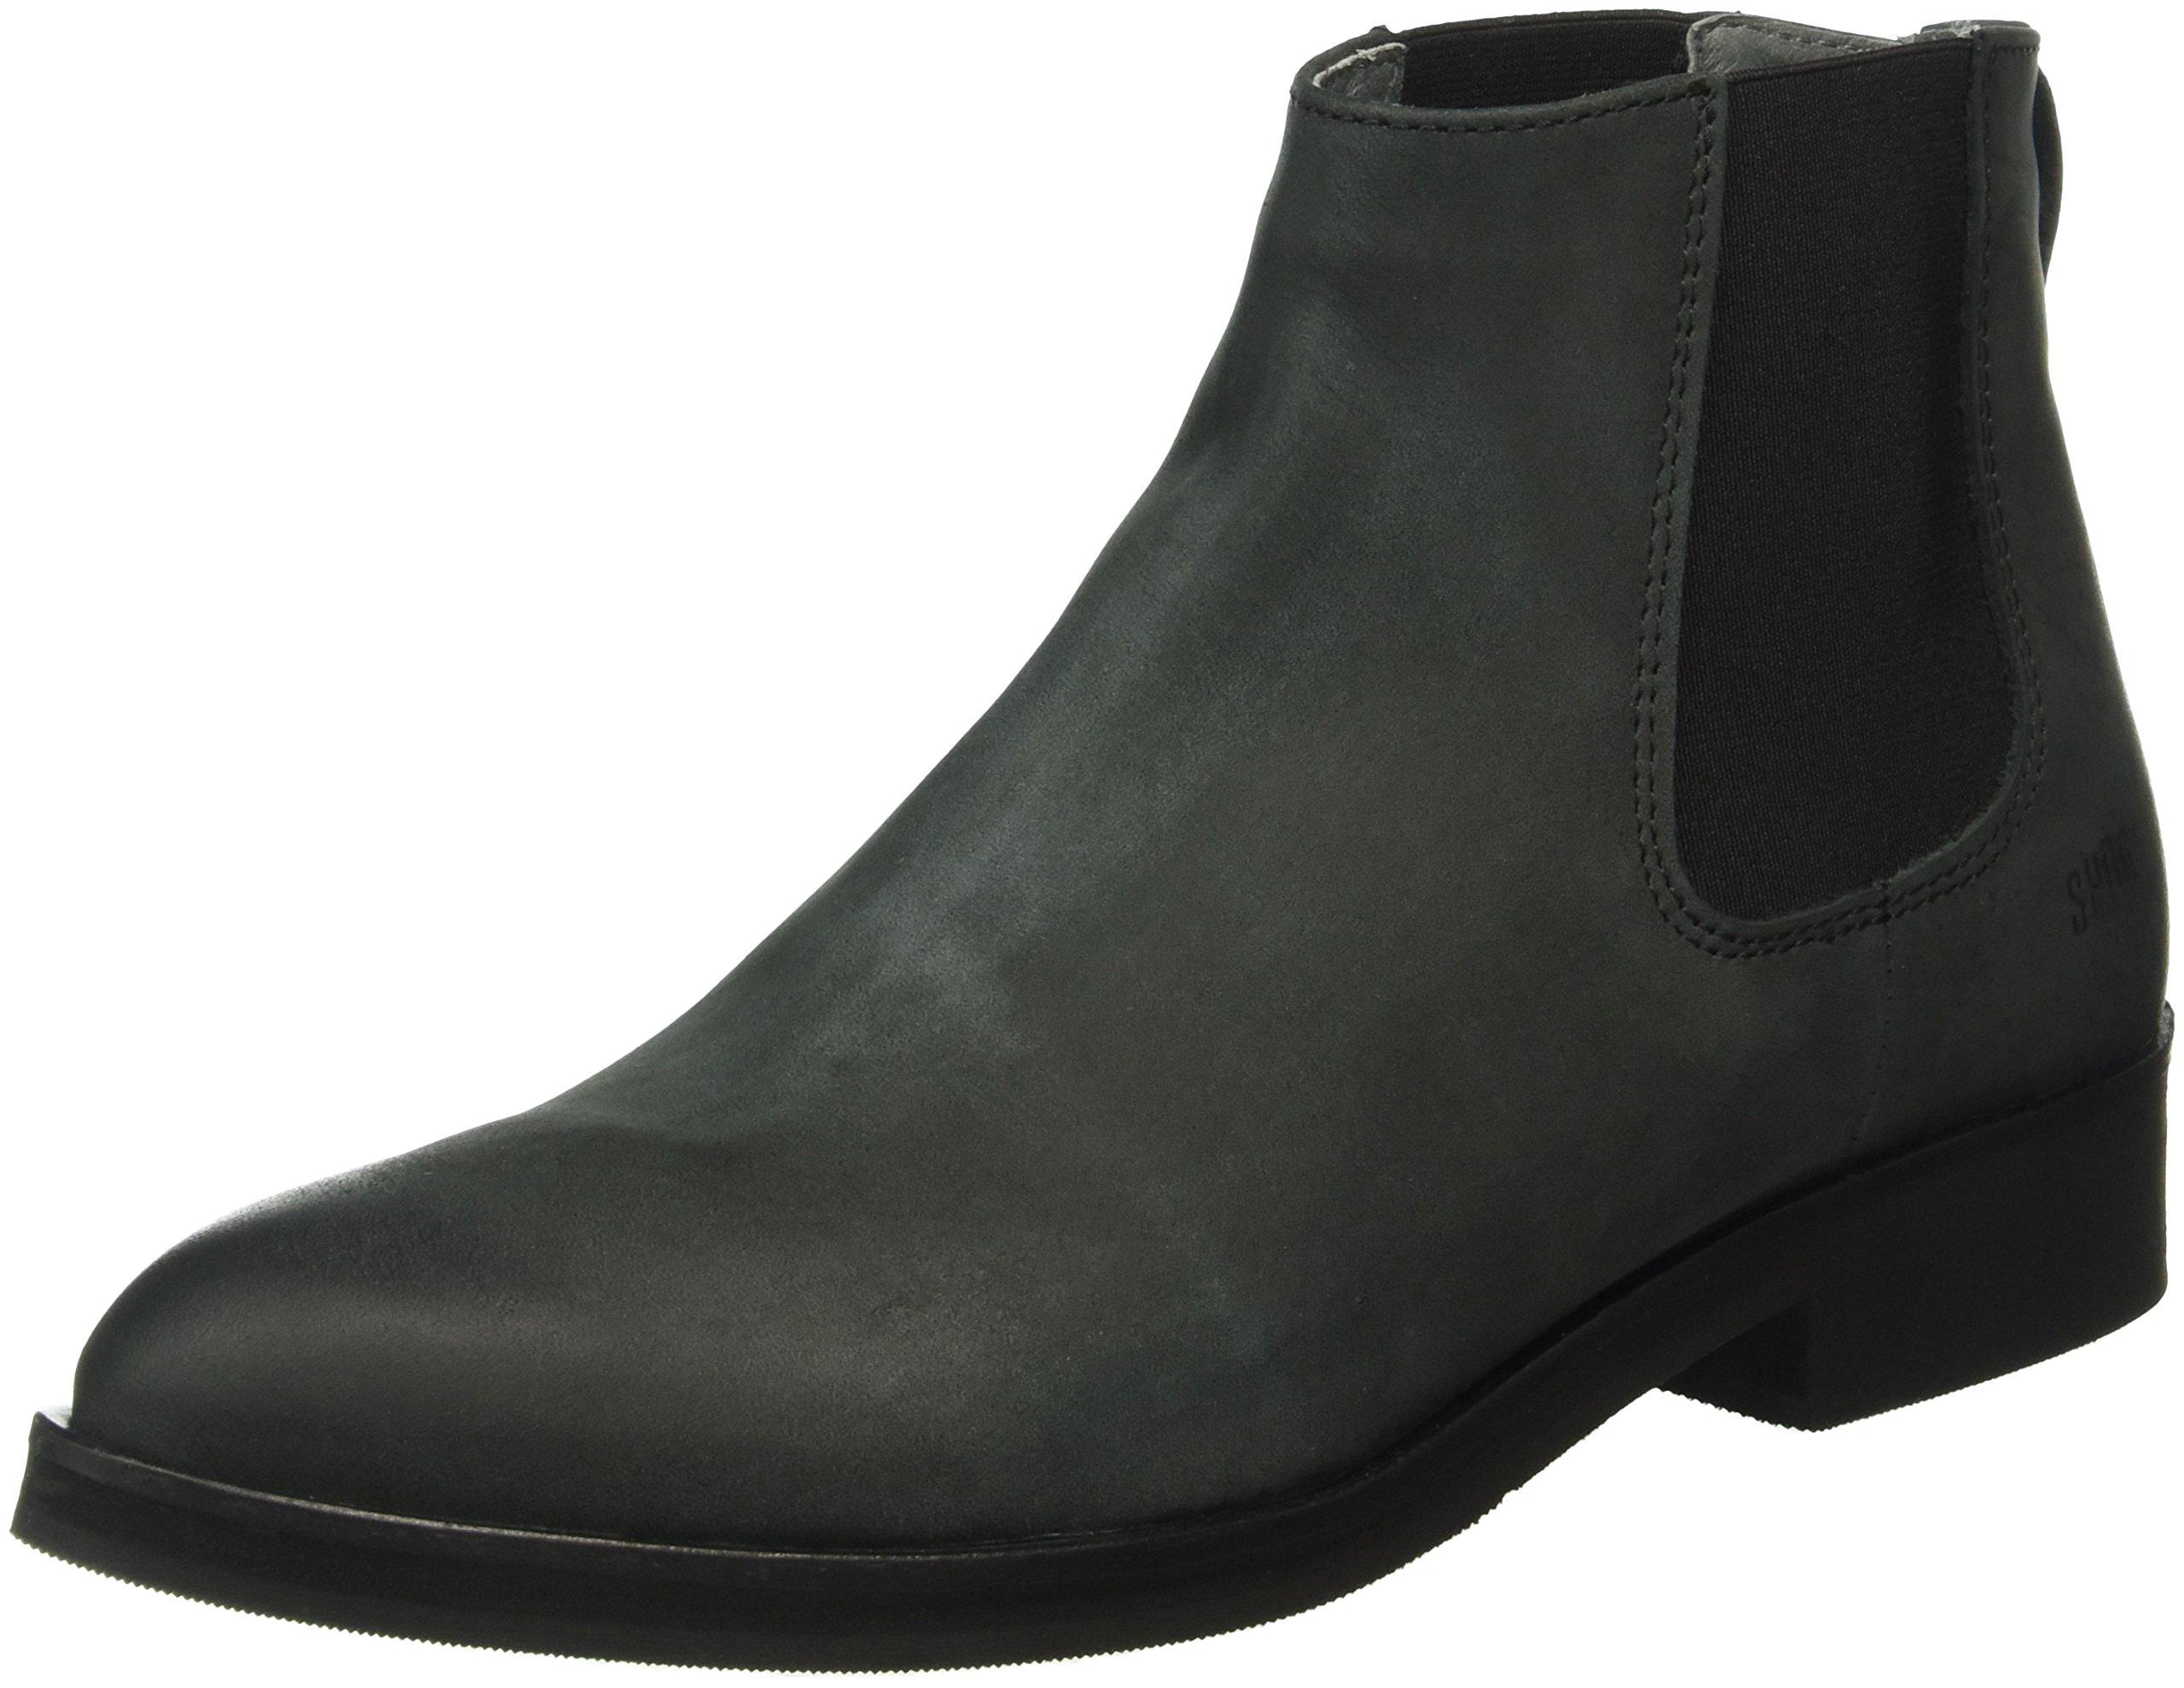 Shoot Classiques FemmeGris Sh 216022gBottes Gris39 Shoes Ku1Tc3lFJ